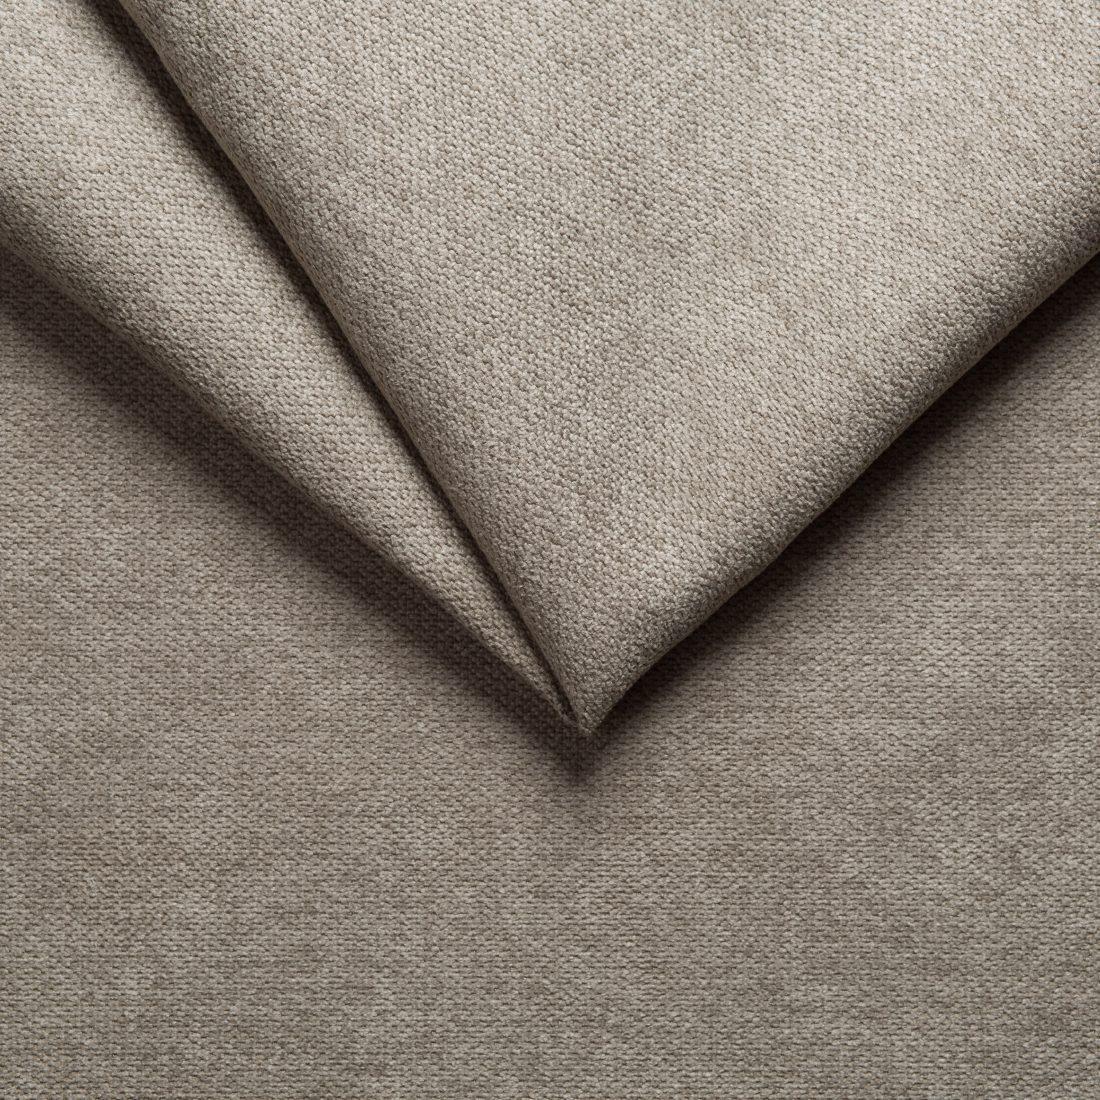 Мебельная ткань Enjoy 7 Rabbit, микрофибра